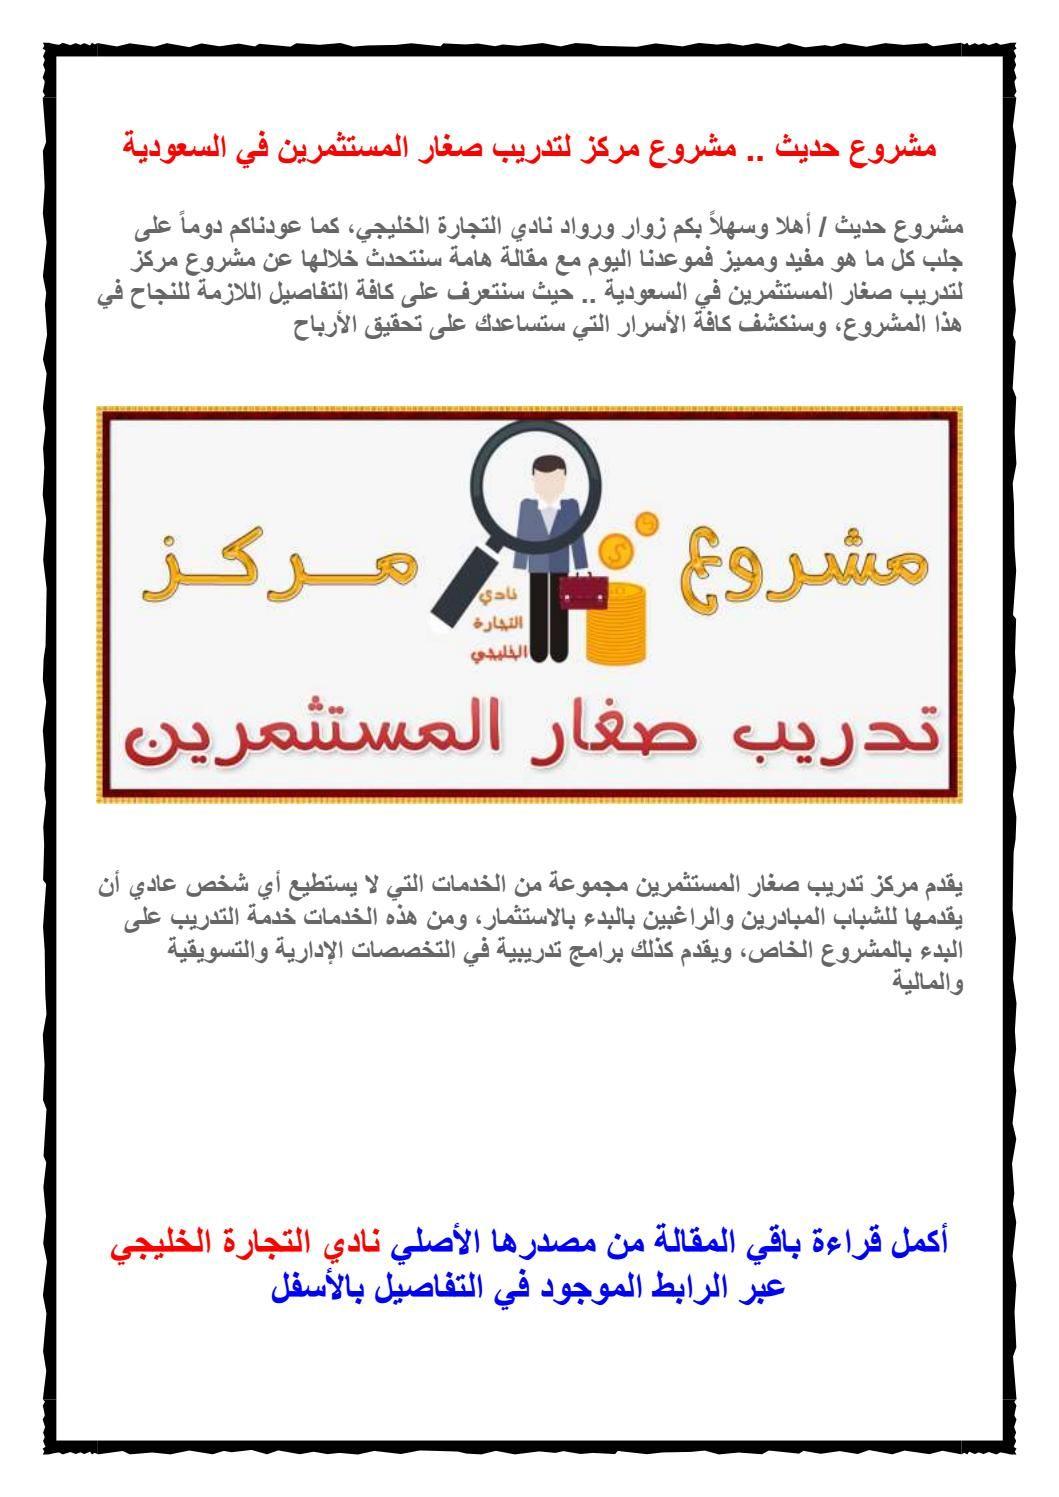 مشروع حديث مشروع مركز لتدريب صغار المستثمرين في السعودية Microsoft Word Document Words Microsoft Word